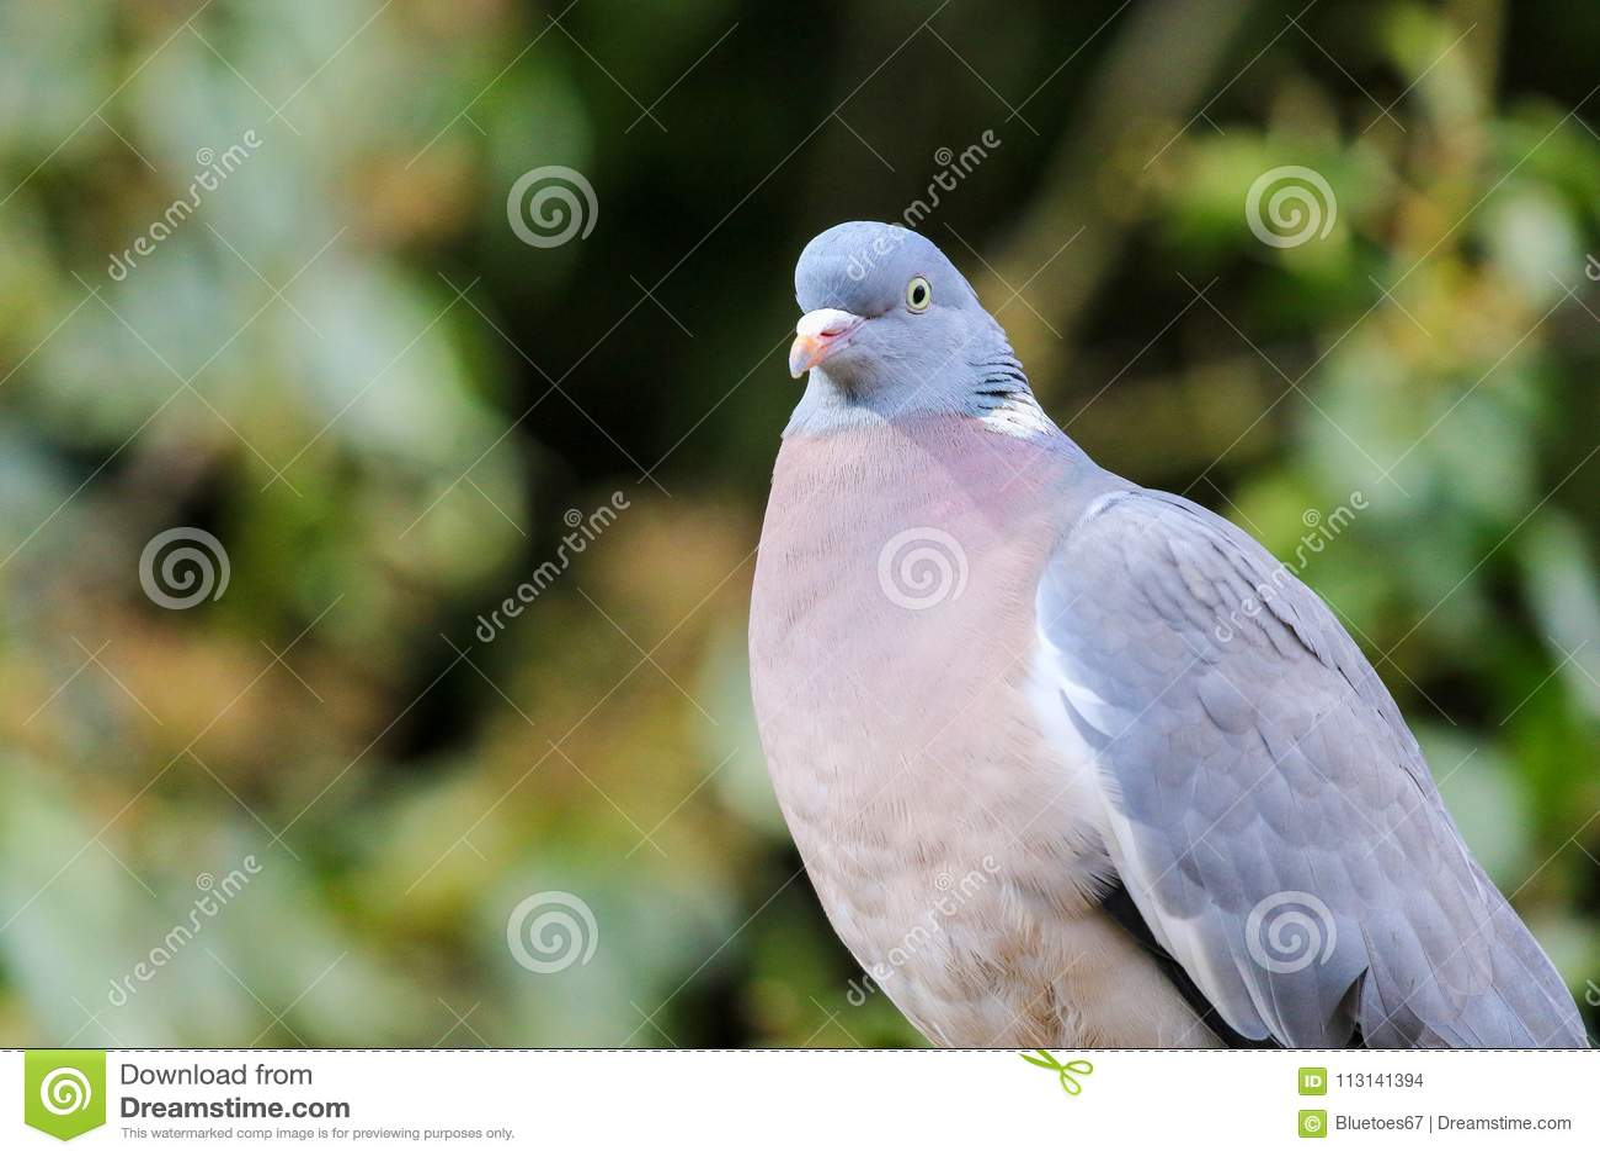 Gemeine Taube gesessen auf einem Zaun